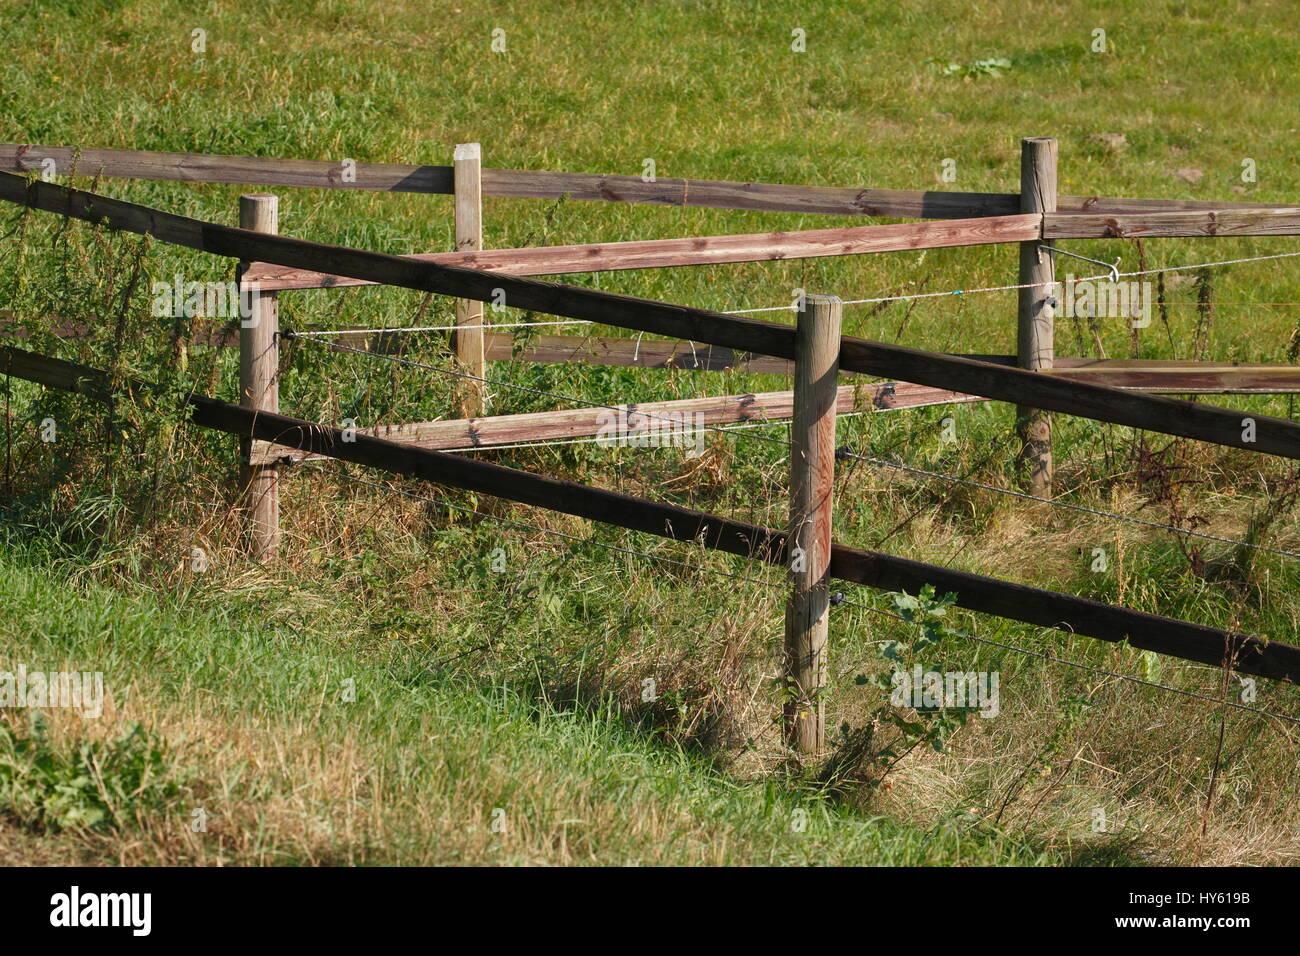 Weidenzaun Stock Photos Weidenzaun Stock Images Alamy